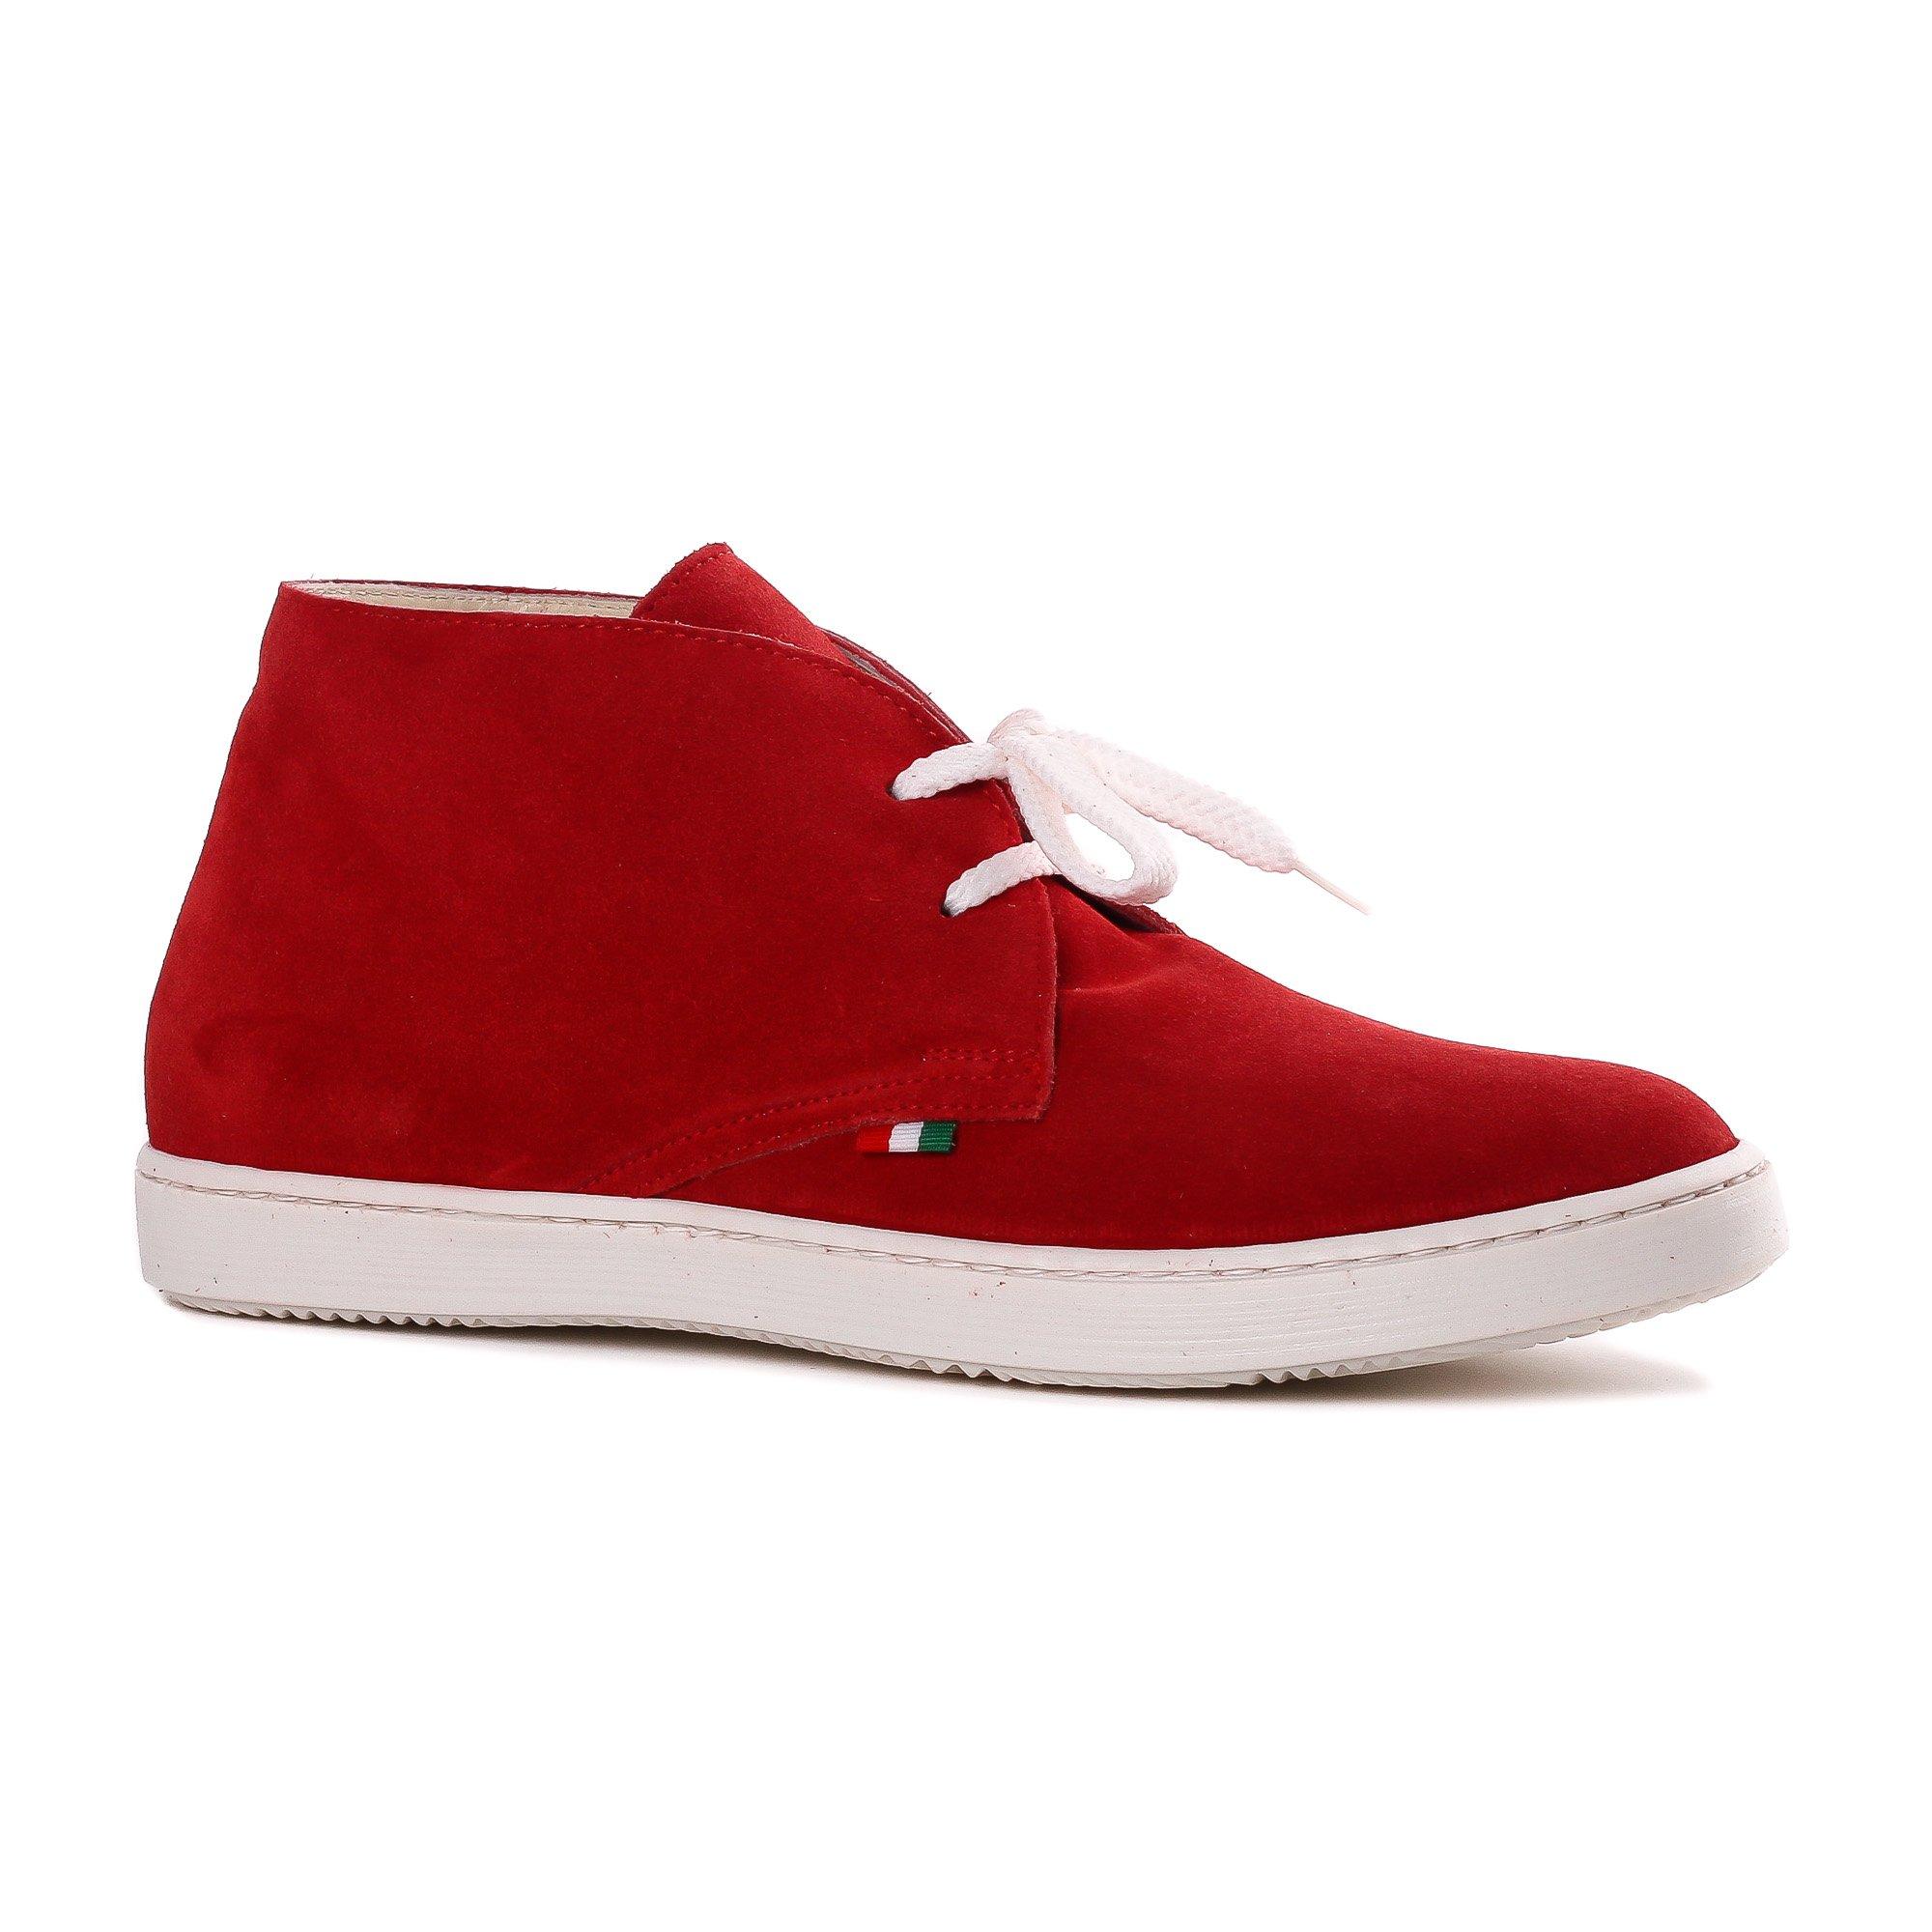 Ботинки женские Alessandro С19 красные 37 RU.